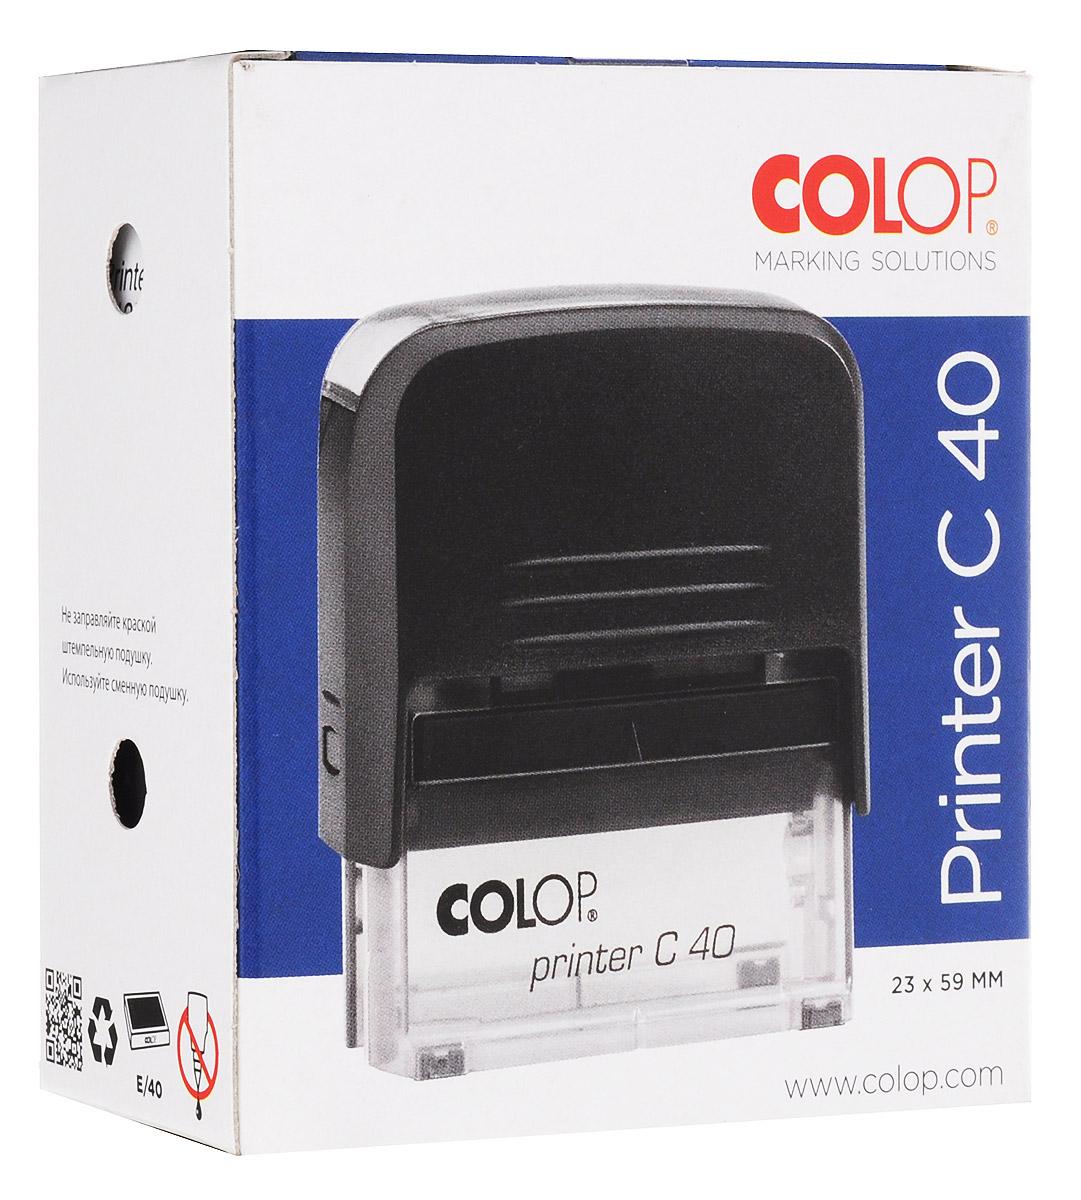 ColopОснастка для штампа цвет черный 23 х 59 мм Colop